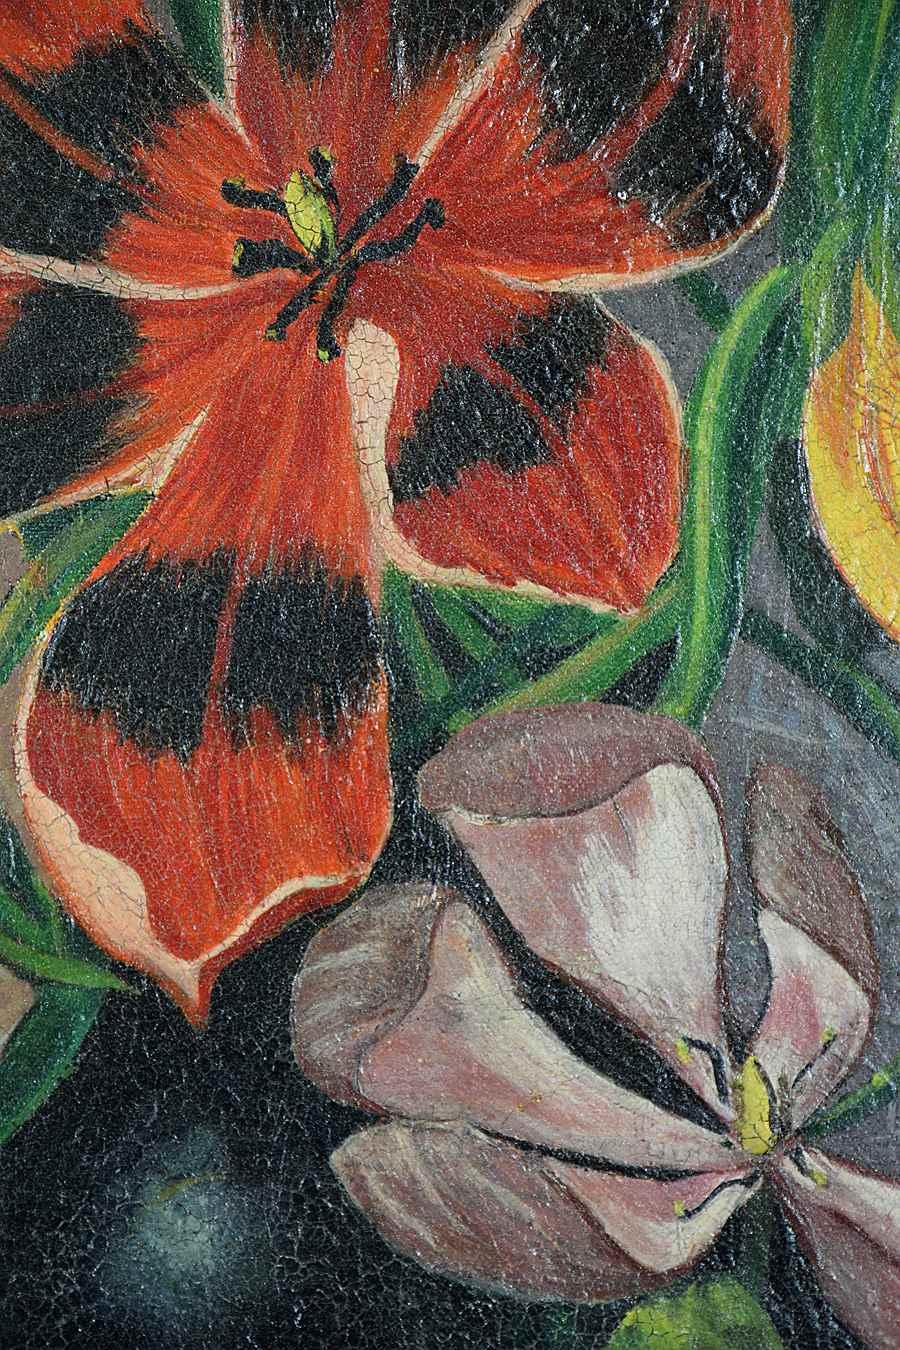 Fleurs - Moïse Kisling (1891 - 1953)